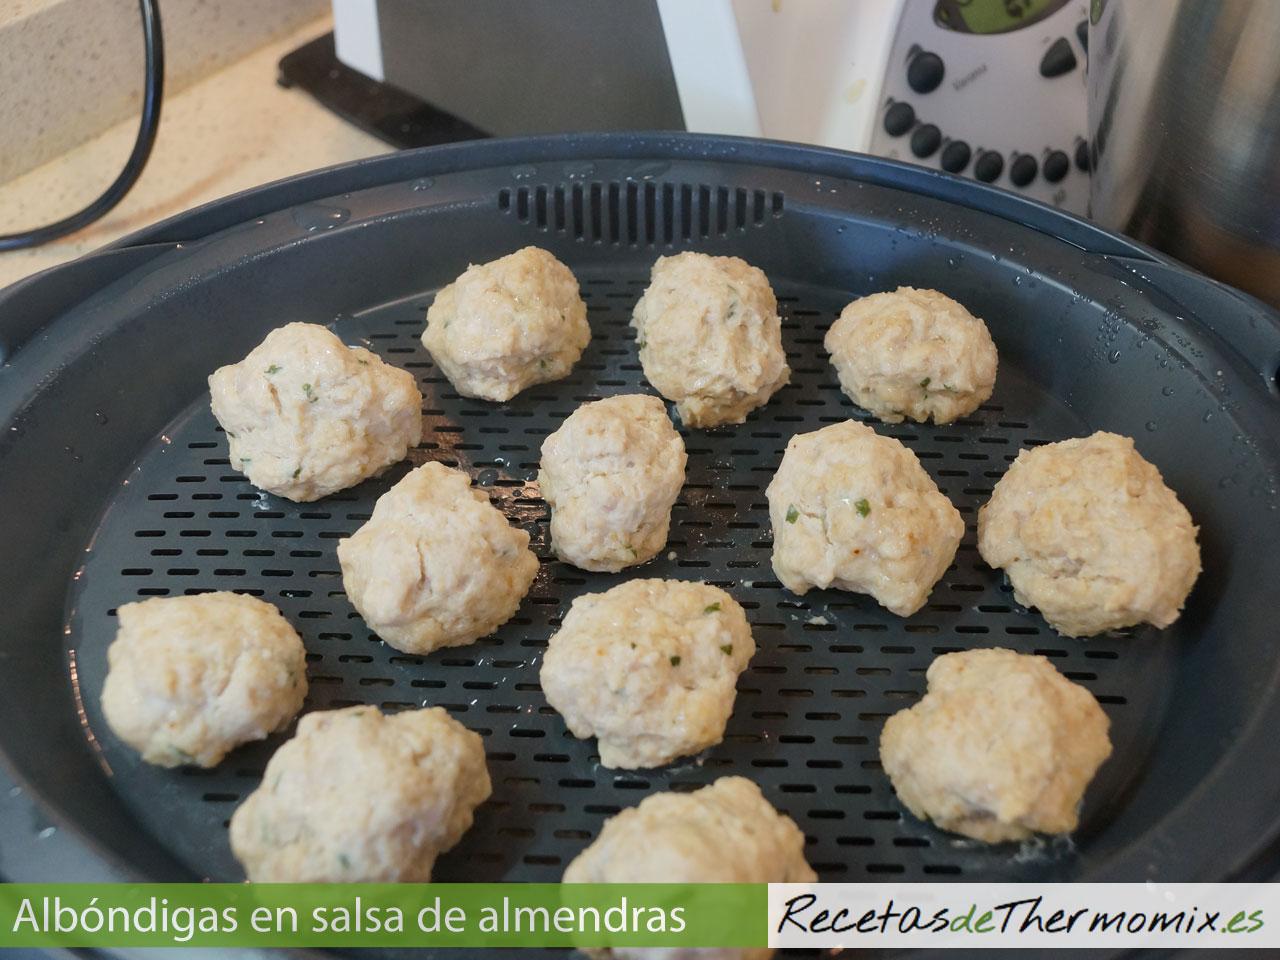 Cómo preparar albóndigas con salsa de almendras en Thermomix